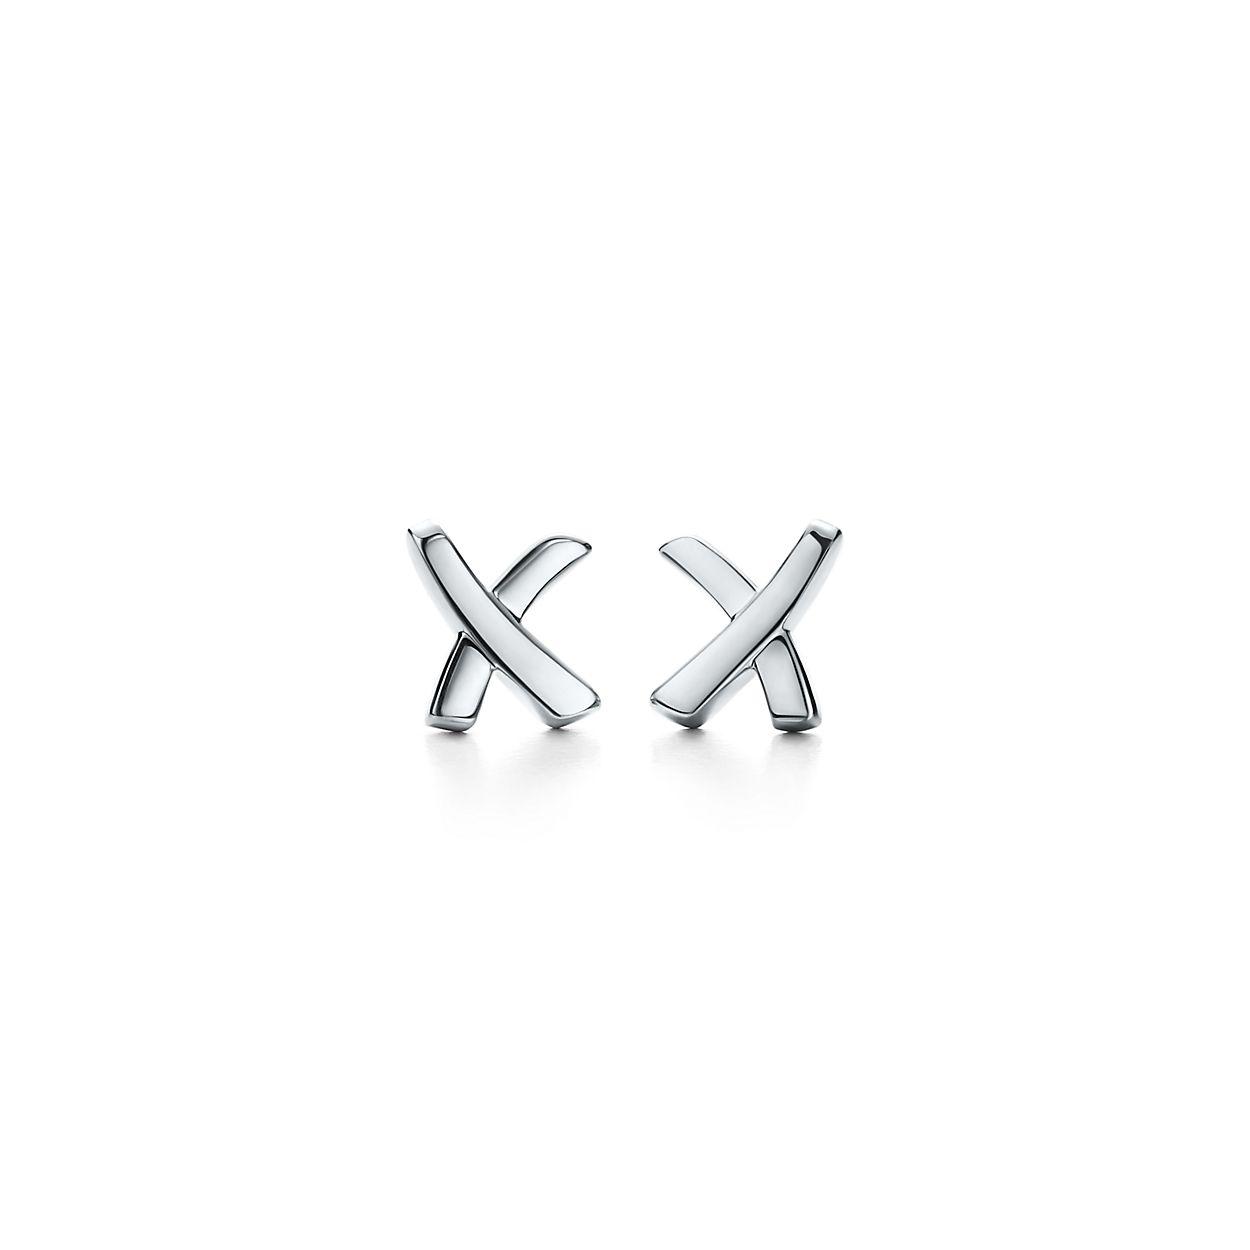 Paloma S Graffiti X Earrings